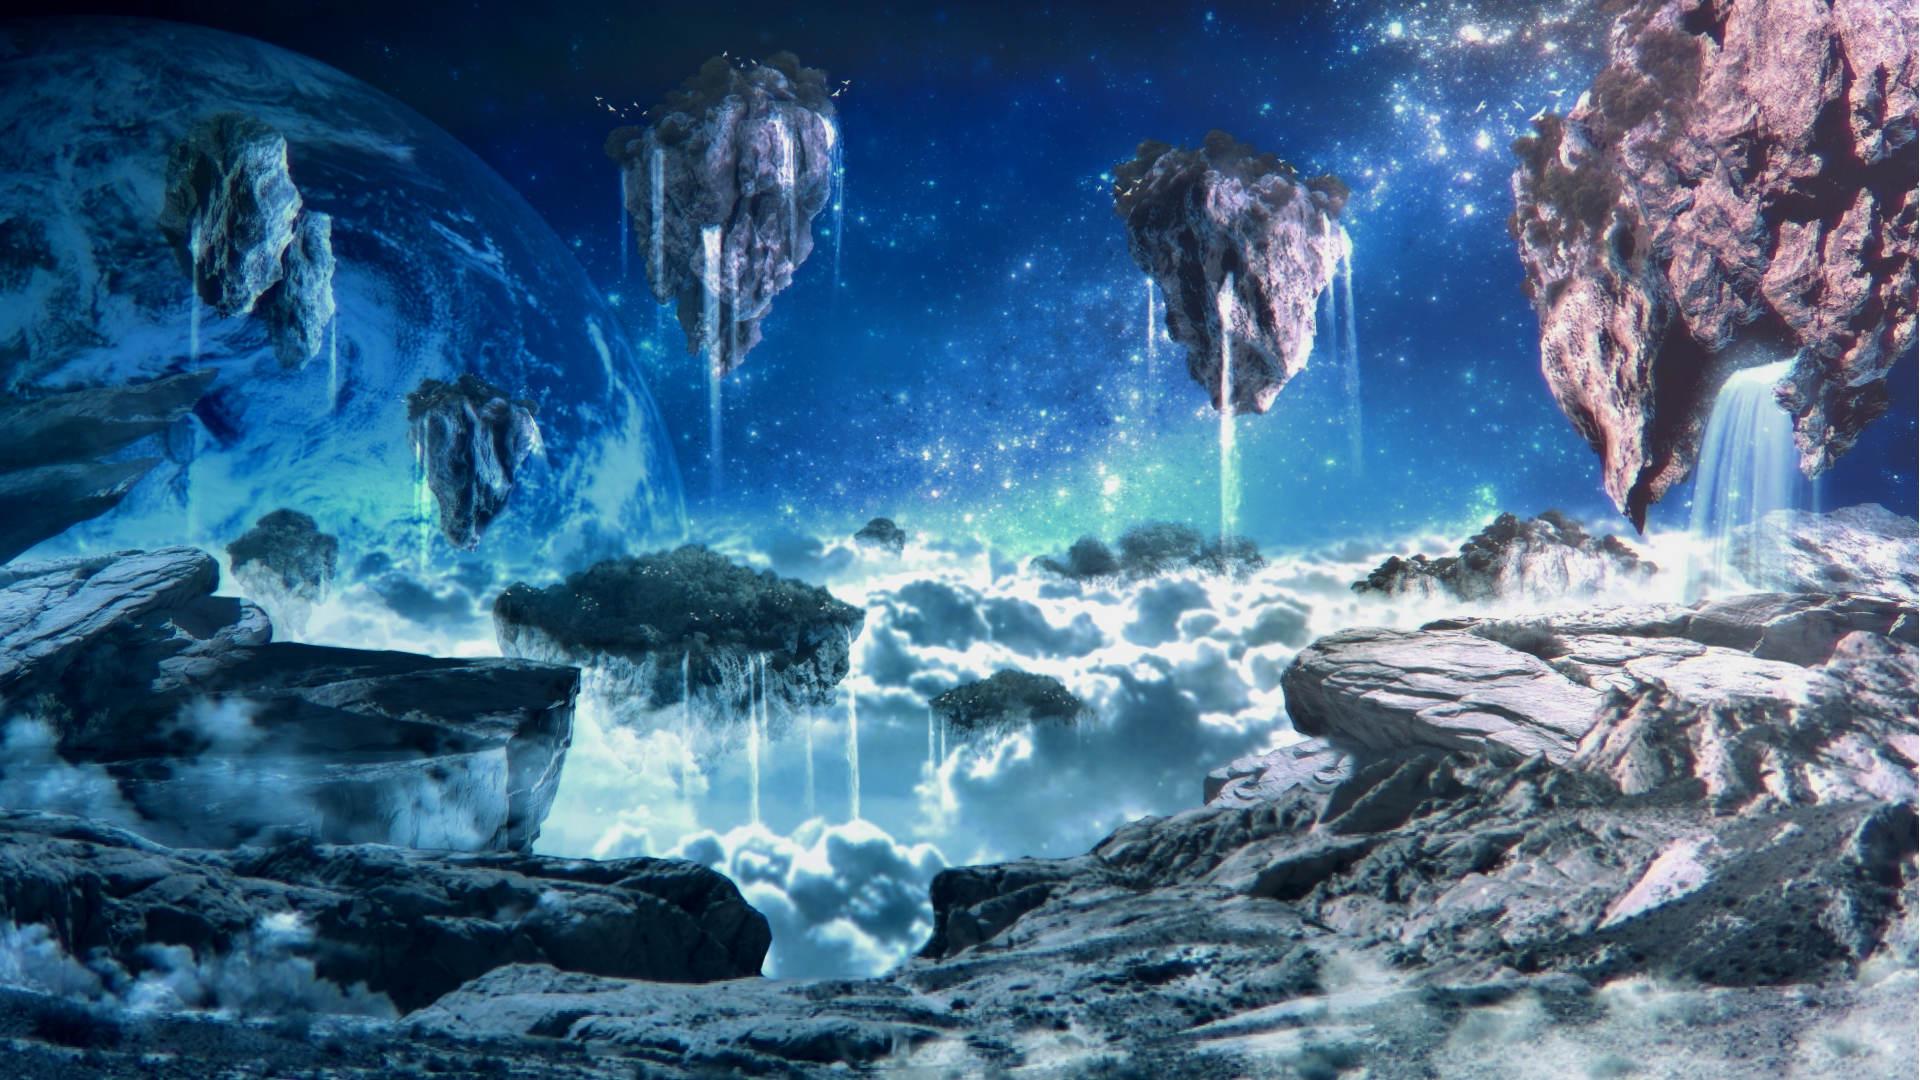 космические острова. вселенский гранд отель. астральное путешествие